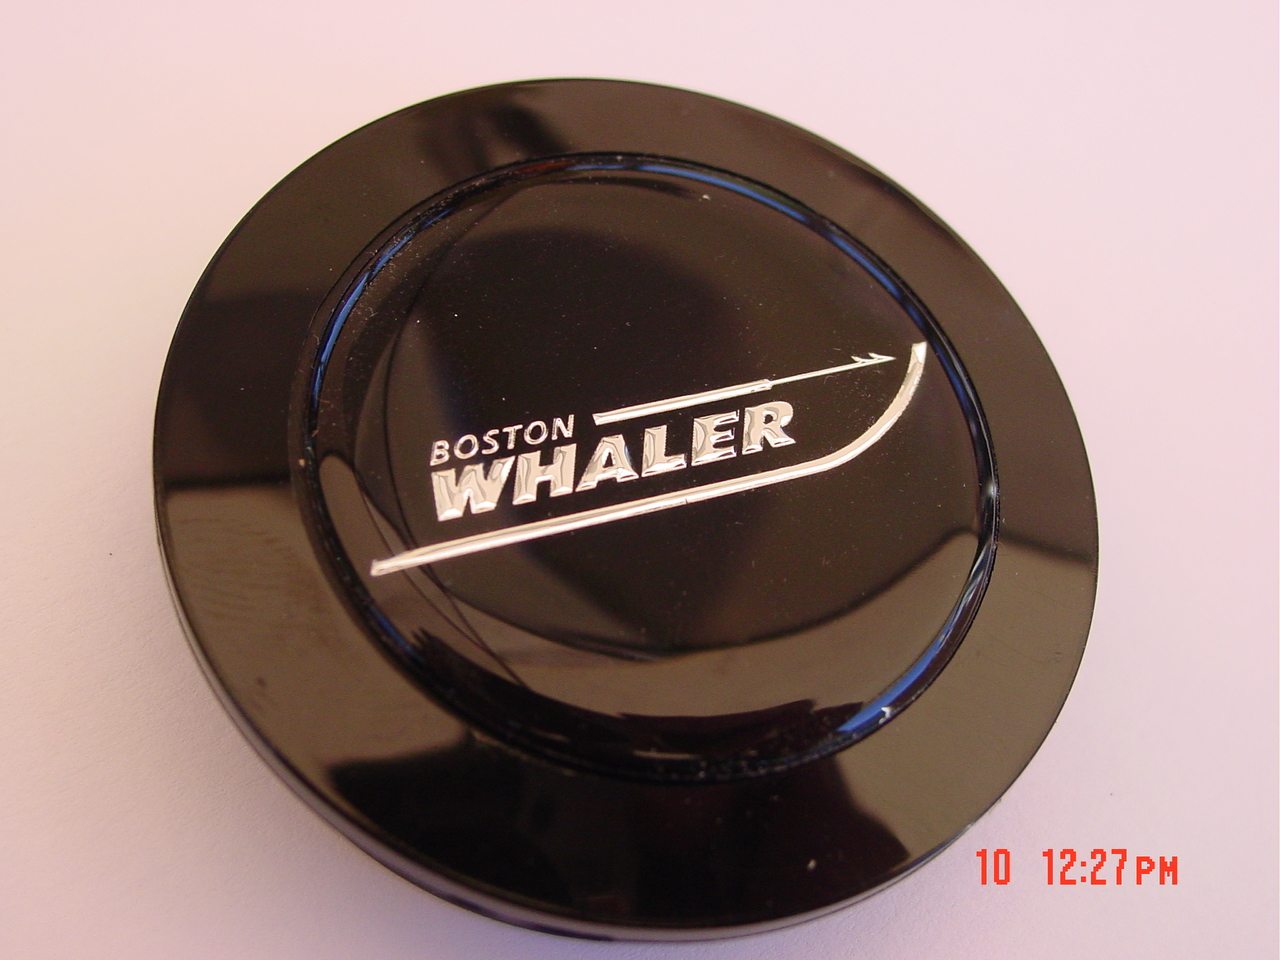 Boston Whaler Steering Wheel For Sale